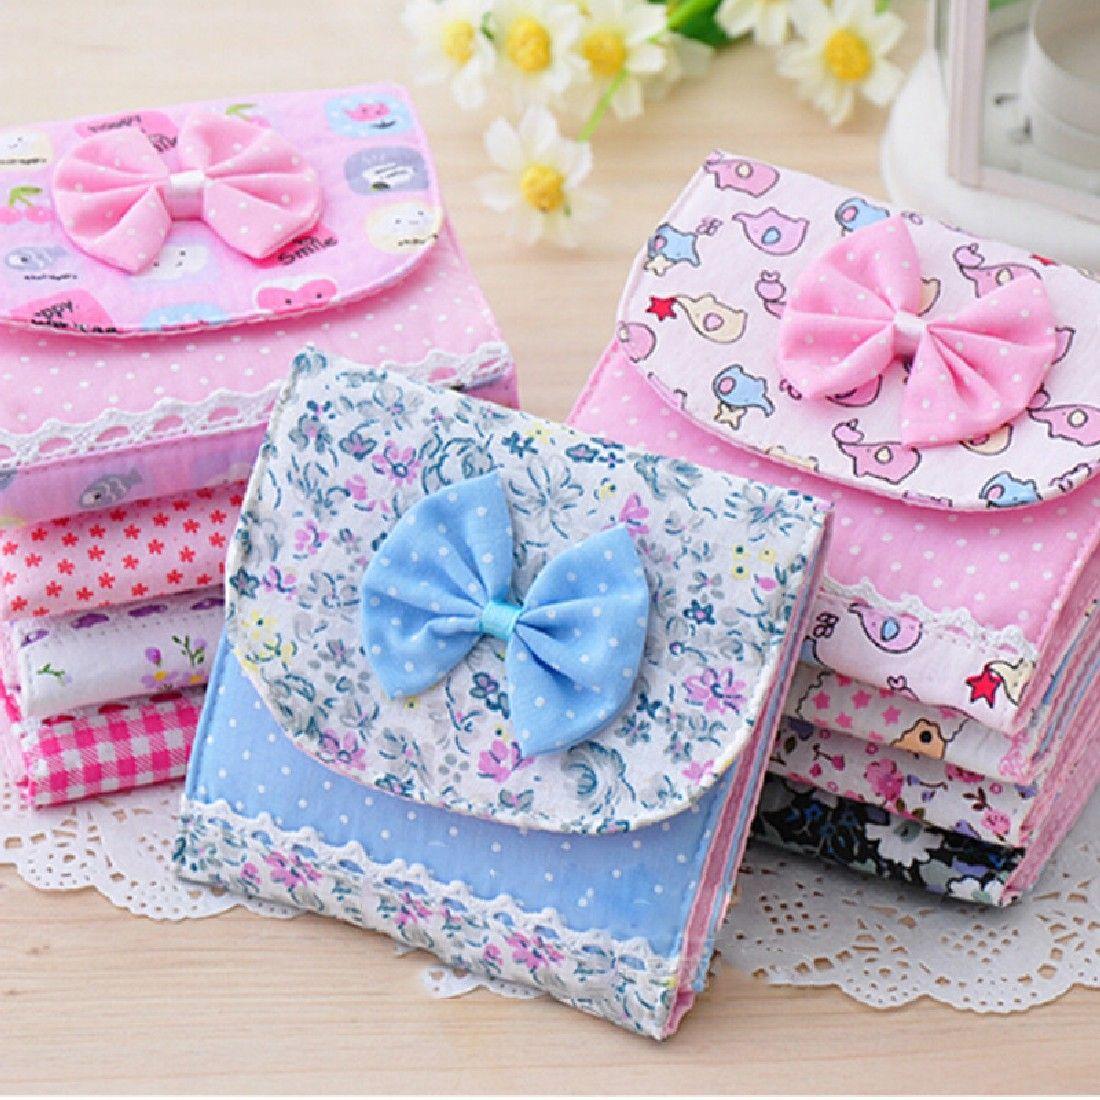 소녀 레이디 생리대 패드 여성 파우치 작은 미니 저장 상자 가방 작은 수집 케이스 가방 색상 임의 2016